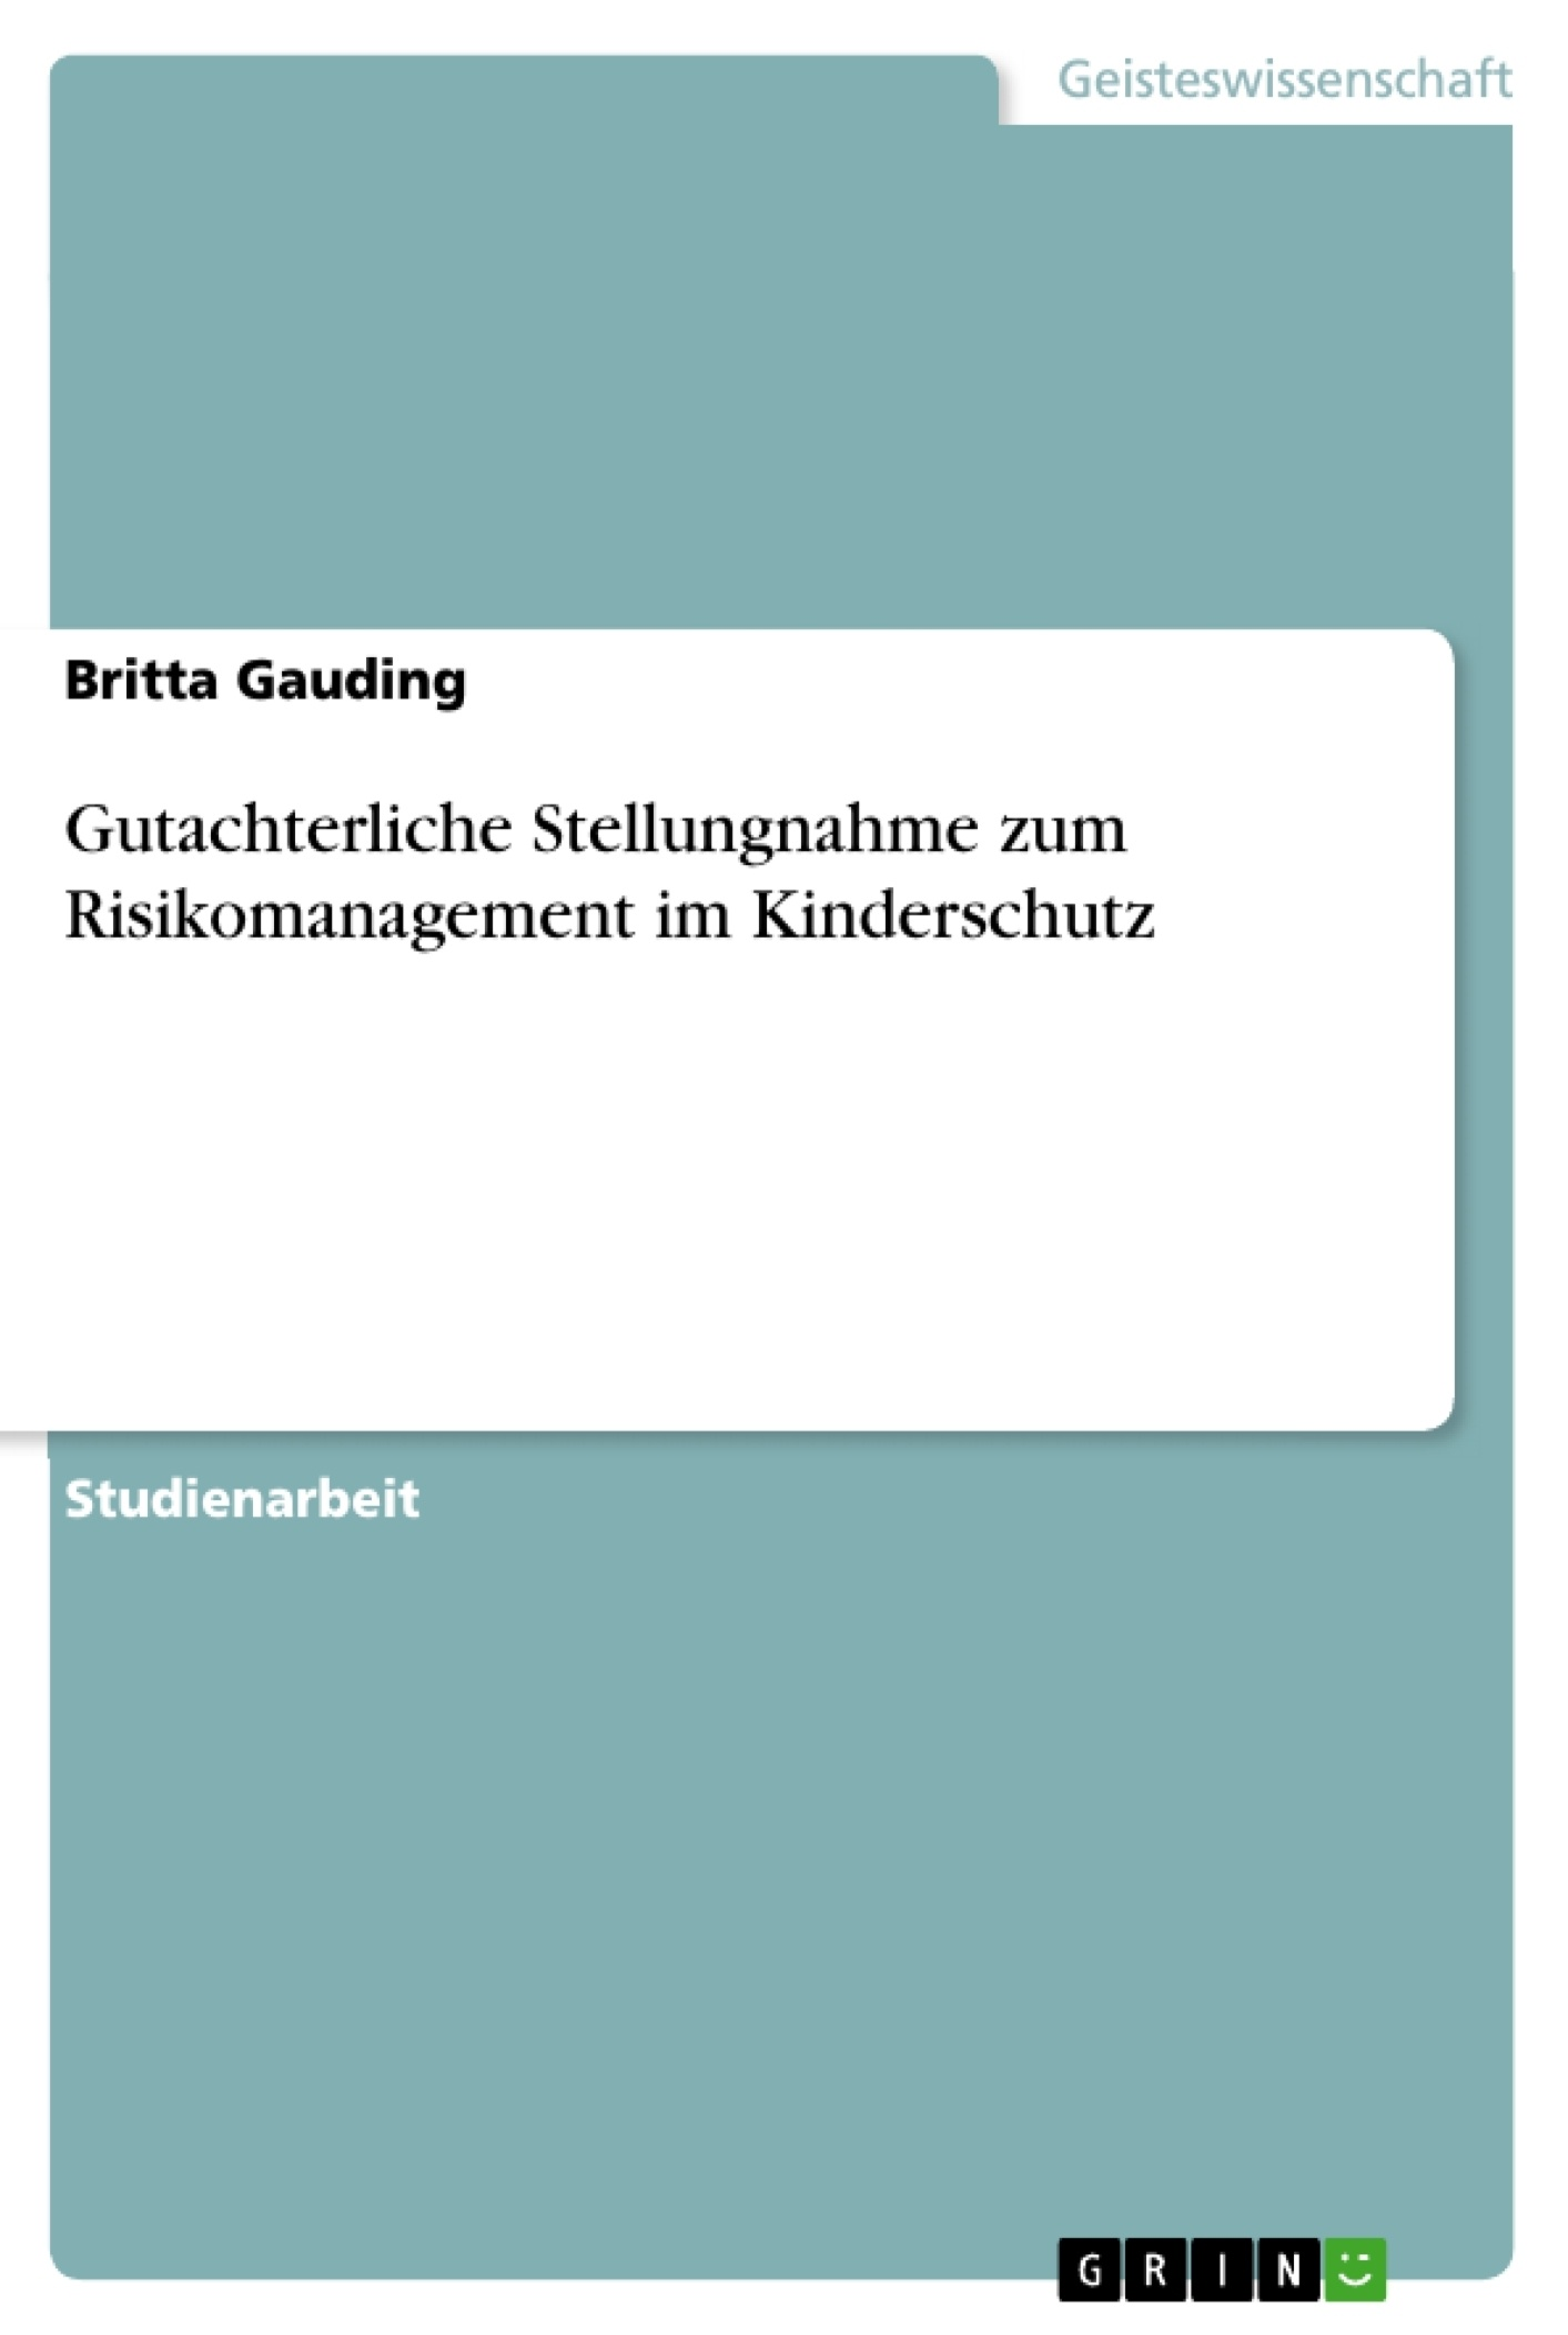 Titel: Gutachterliche Stellungnahme zum Risikomanagement im Kinderschutz